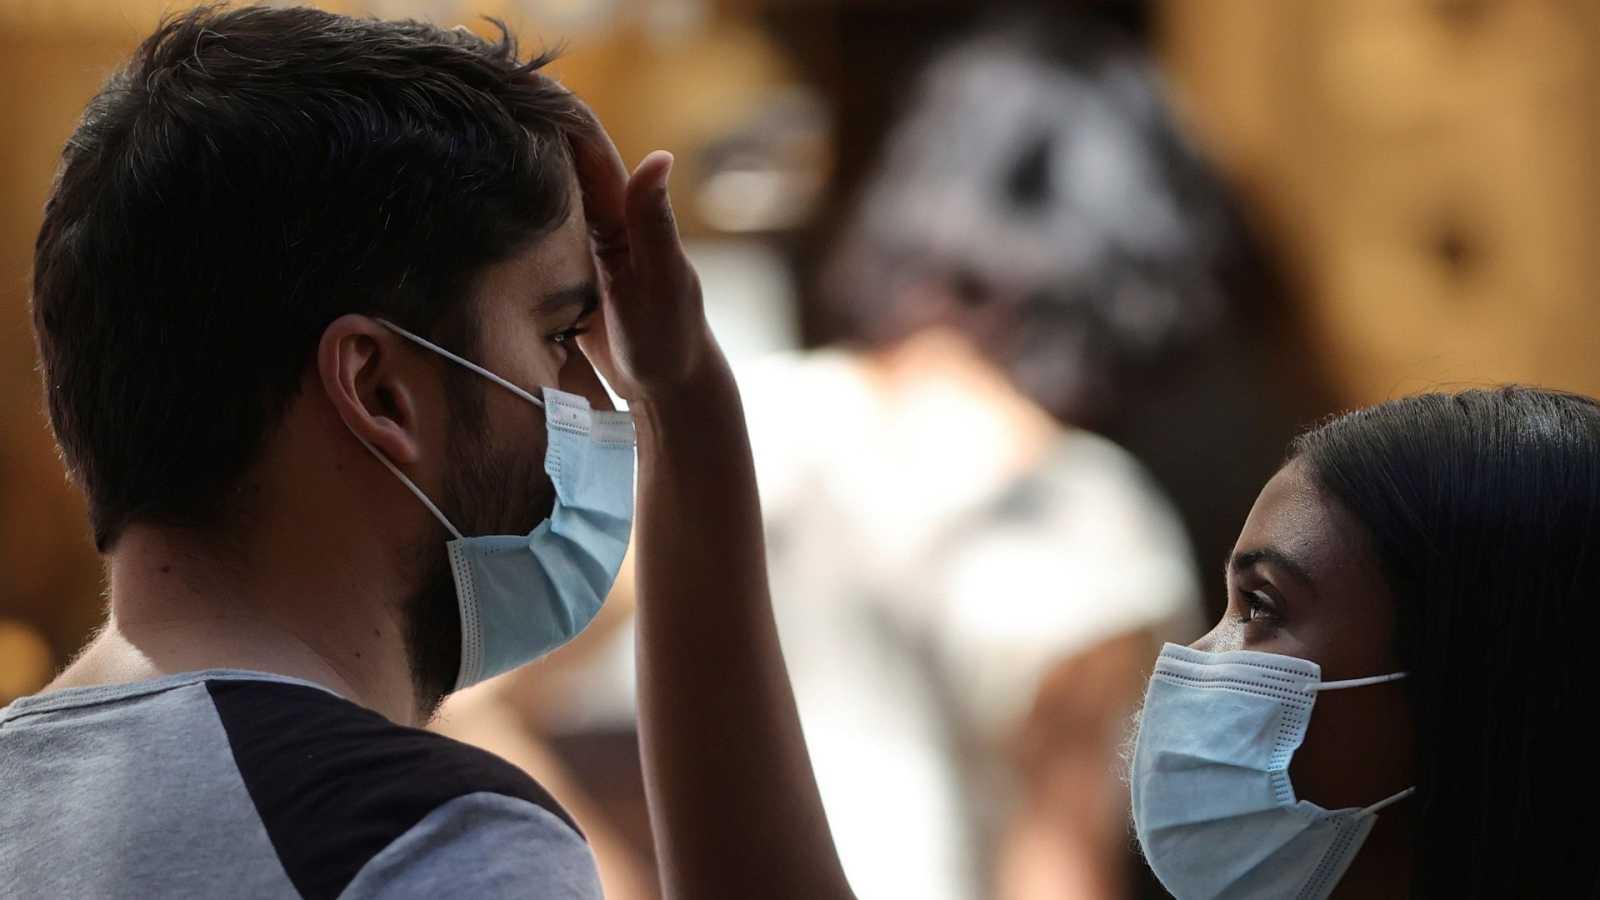 Pareja de jóvenes con mascarillas en Madrid durante la ola de calor